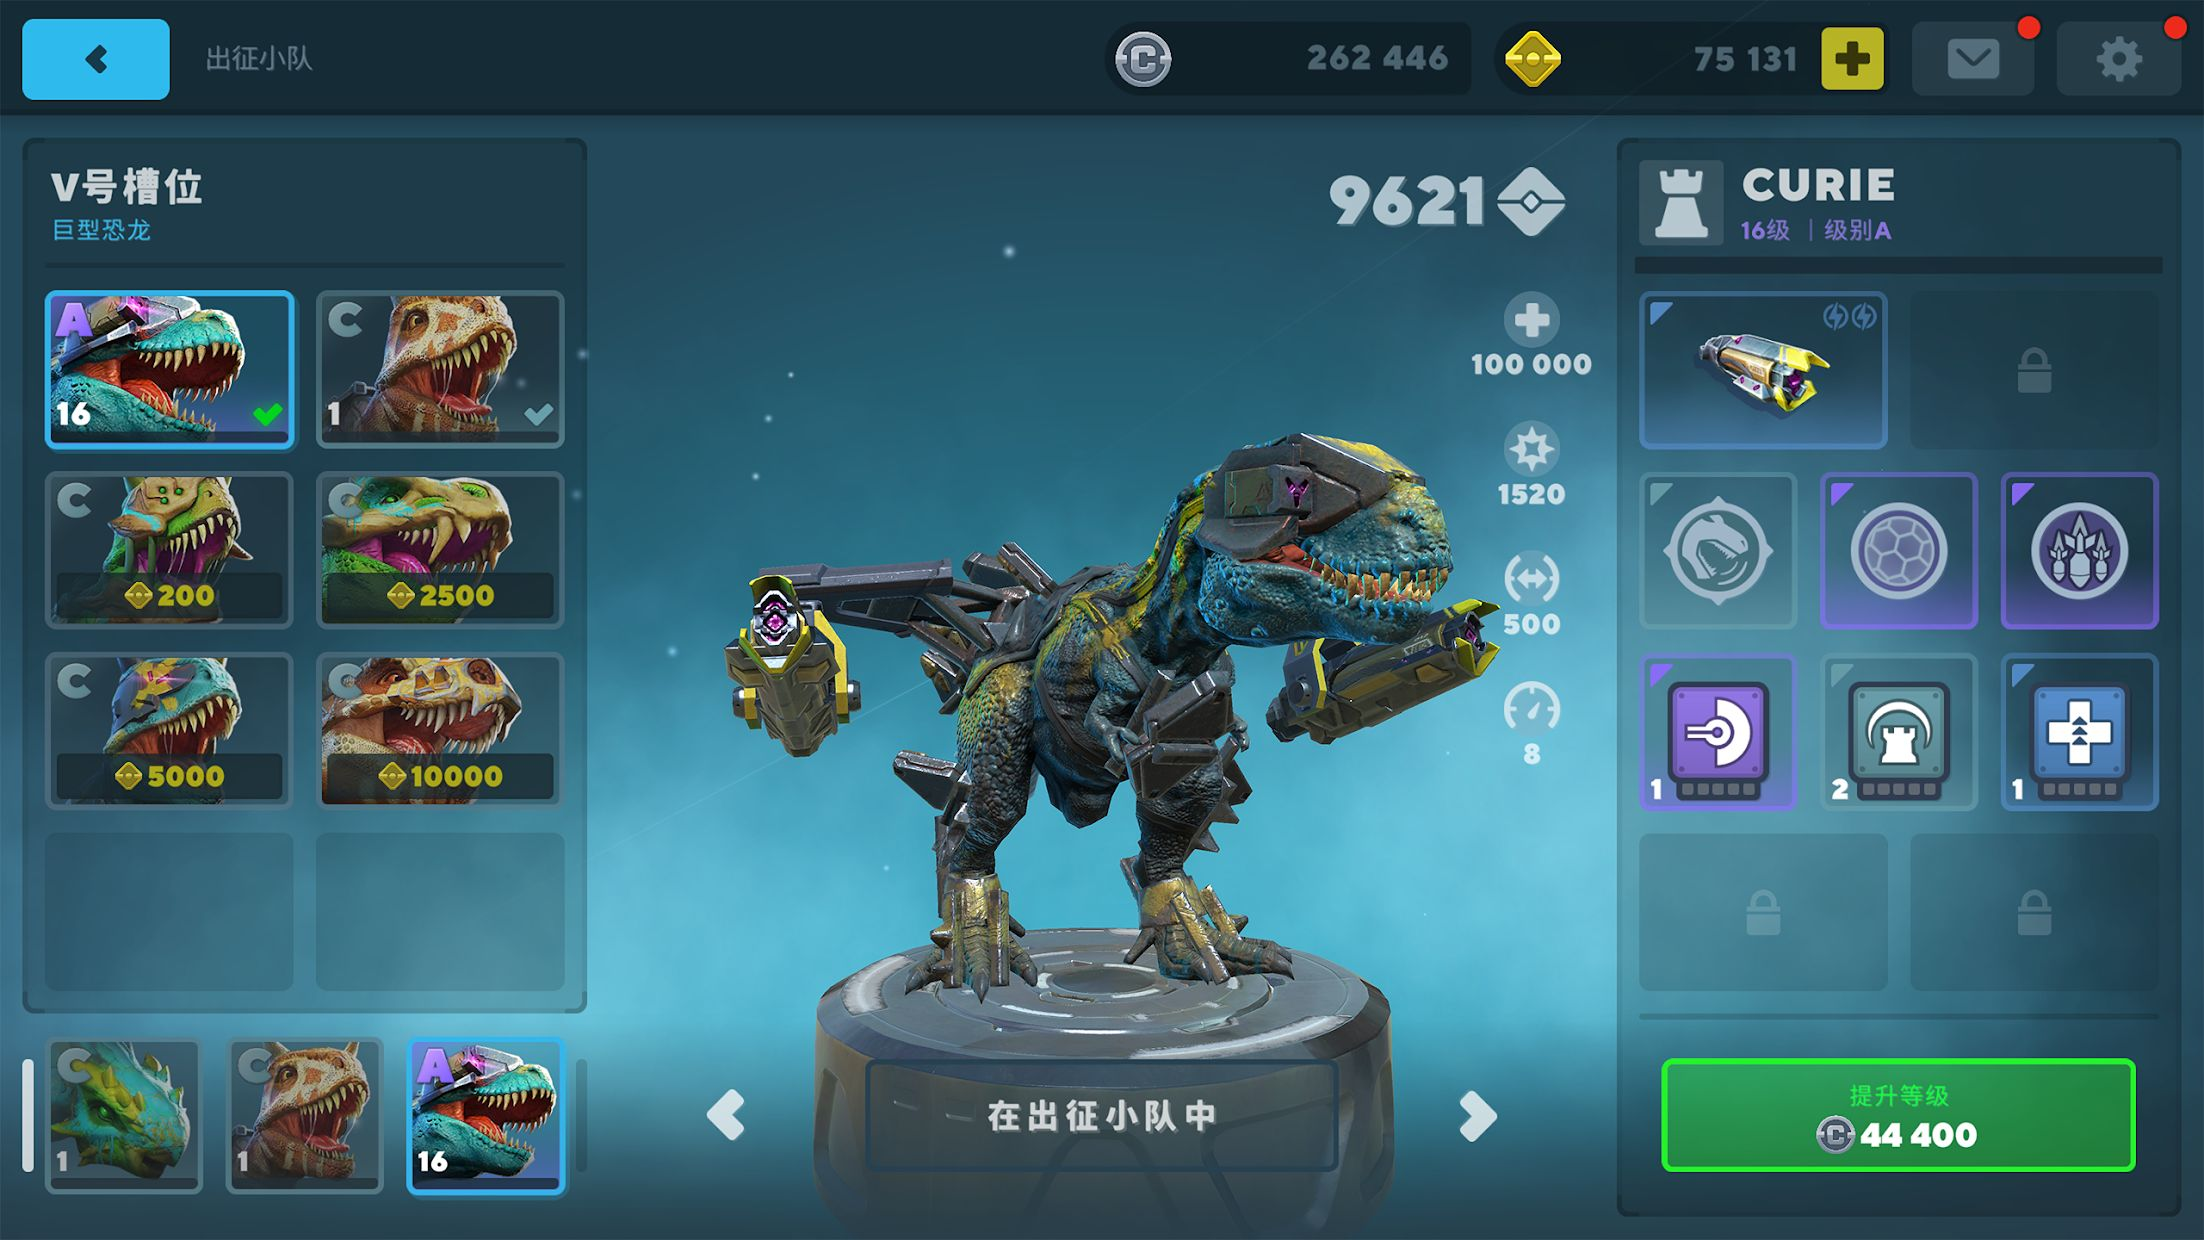 Dino Squad:拥有巨大恐龙的第三人称恐龙射击游戏 游戏截图4